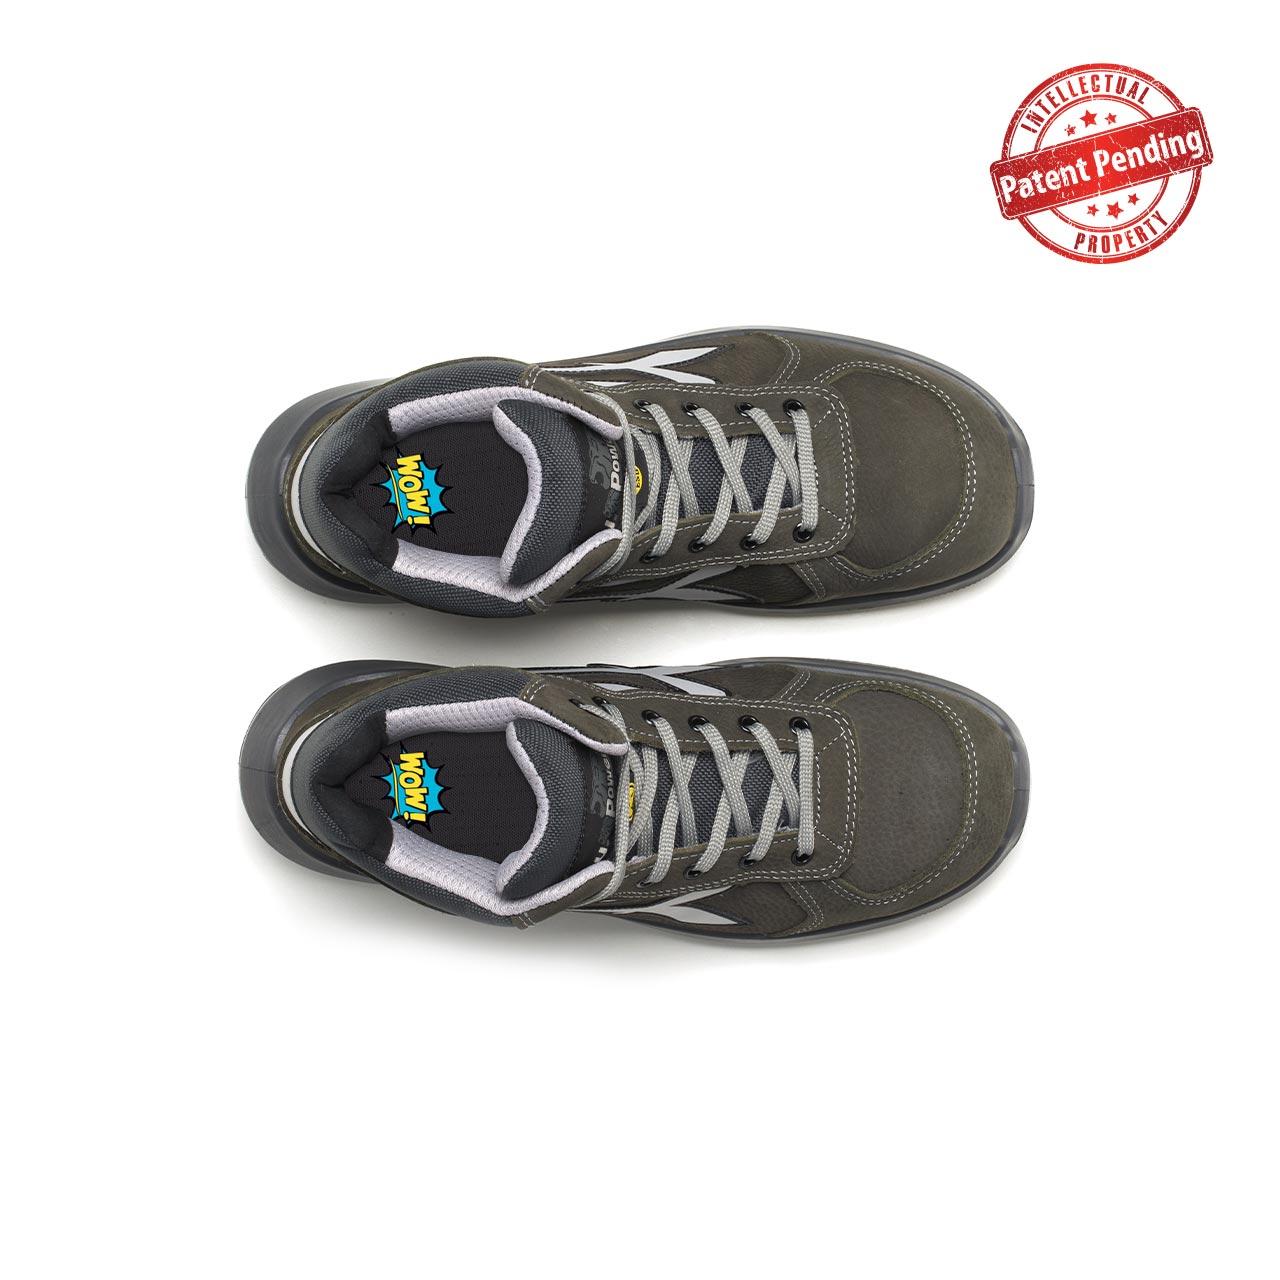 paio di scarpe antinfortunistiche alte upower modello merak linea redup vista top